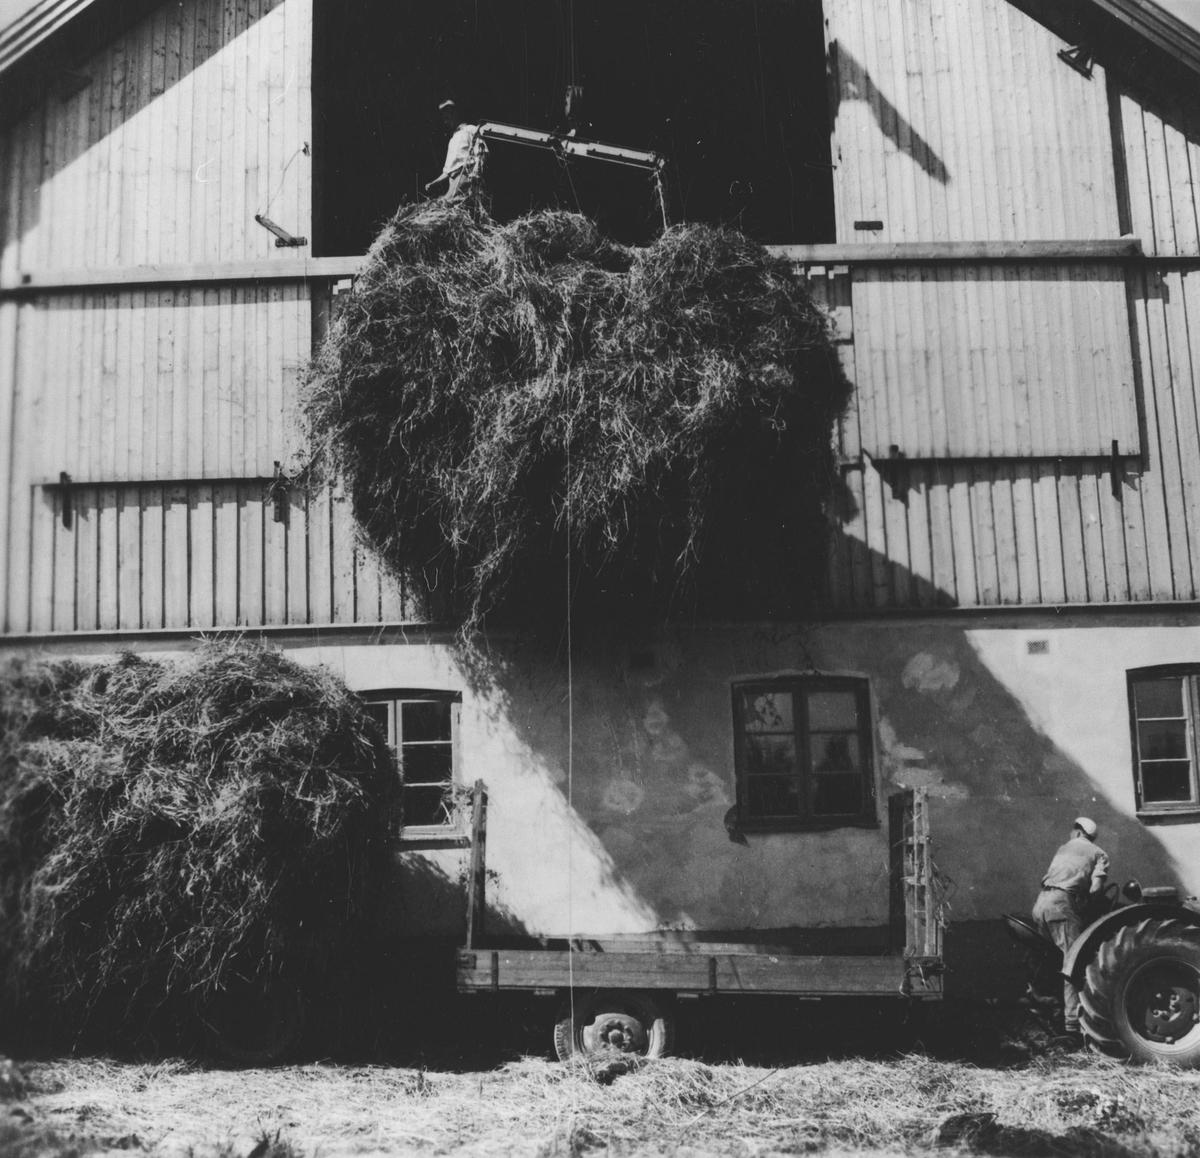 Høykjøring med traktor og to tilhengere, Høyet heises inn på låven. Slåttonn.